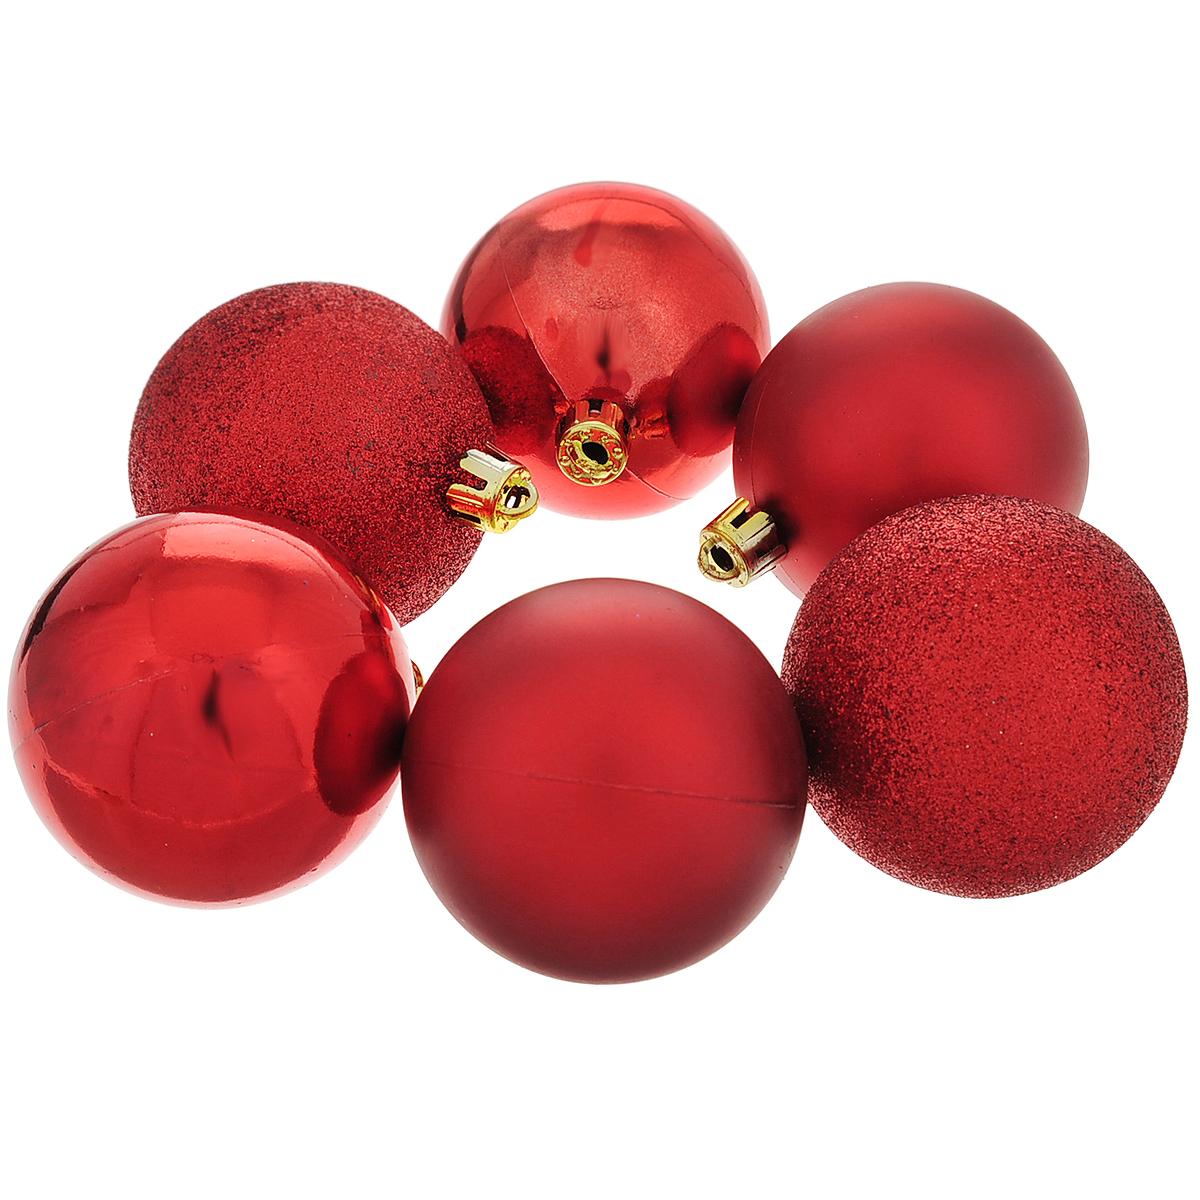 Набор новогодних подвесных украшений Шар, цвет: красный, диаметр 6 см, 6 шт. 3547435474Набор новогодних подвесных украшений Шар прекрасно подойдет для праздничного декора новогодней ели. Состоит из шести шаров.Елочная игрушка - символ Нового года. Она несет в себе волшебство и красоту праздника. Создайте в своем доме атмосферу веселья и радости, украшая новогоднюю елку нарядными игрушками, которые будут из года в год накапливать теплоту воспоминаний. Коллекция декоративных украшений принесет в ваш дом ни с чем несравнимое ощущение волшебства! Откройте для себя удивительный мир сказок и грез. Почувствуйте волшебные минуты ожидания праздника, создайте новогоднее настроение вашим дорогим и близким.